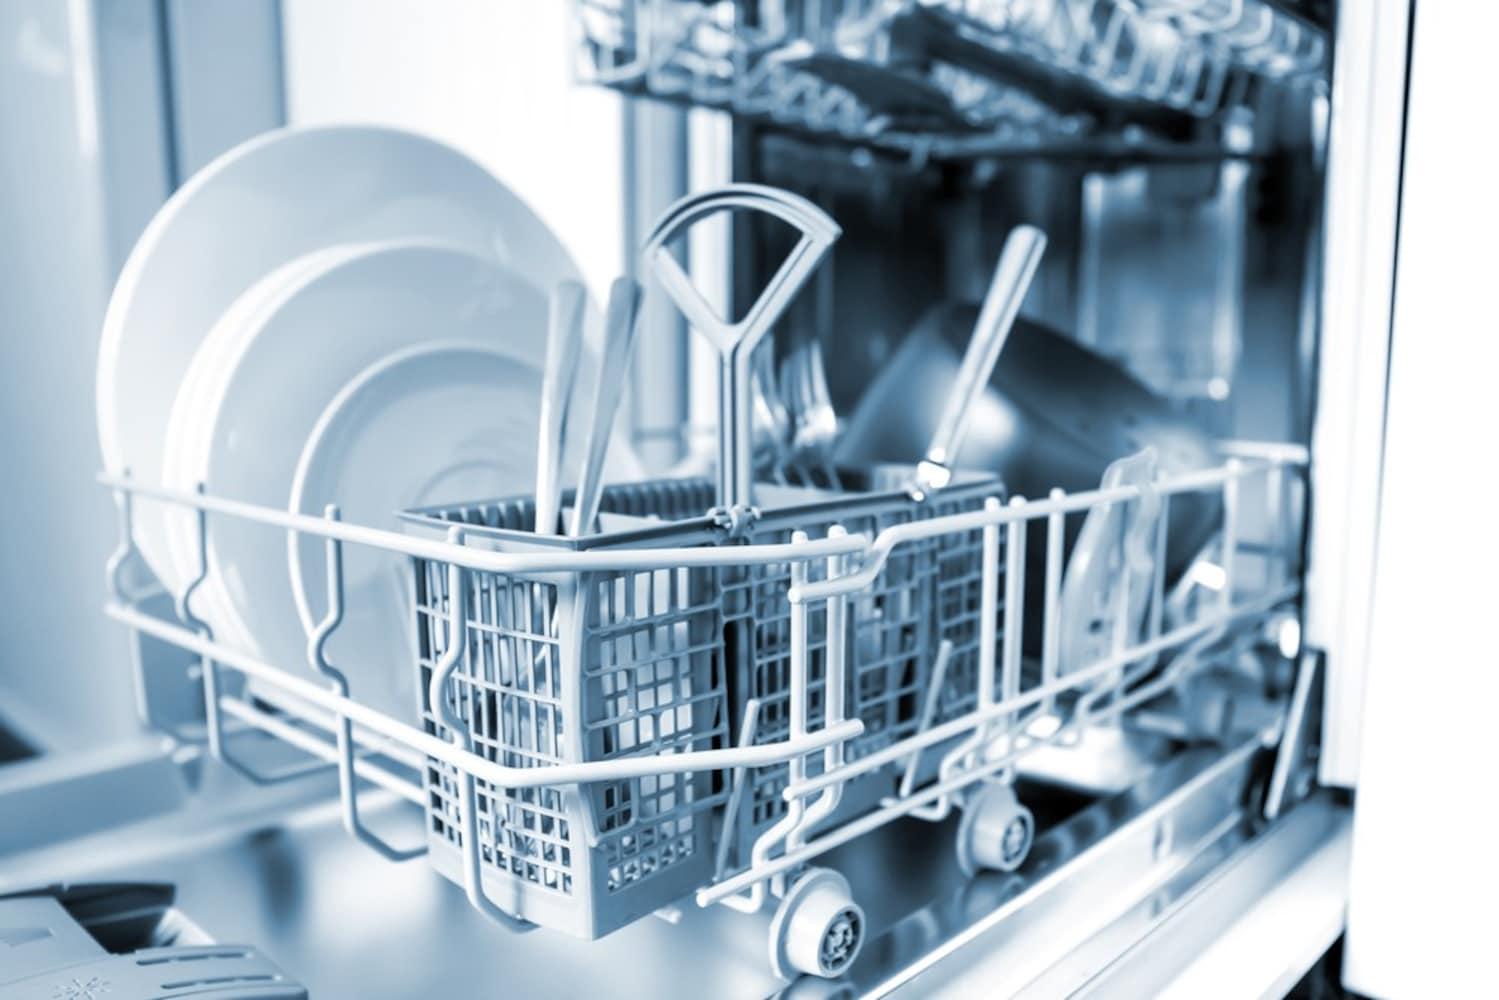 衛生面|食洗器対応か抗菌作用のあるものが安心